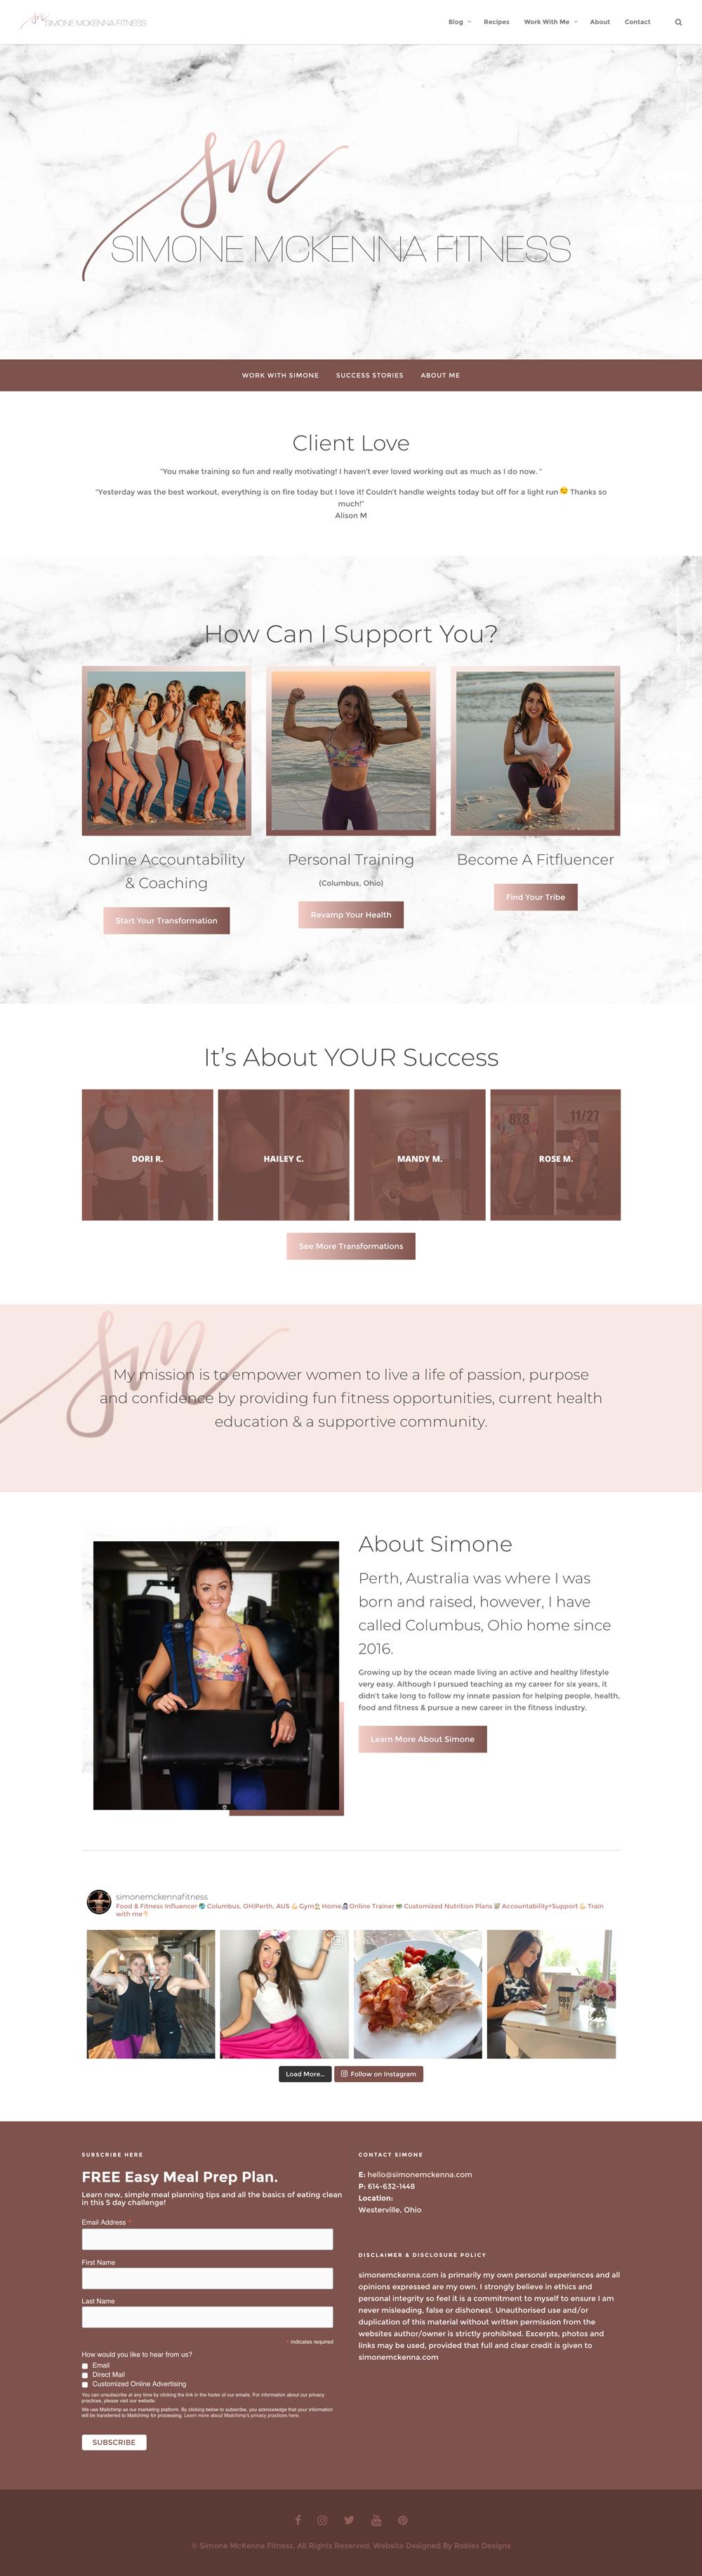 Simone McKenna Website